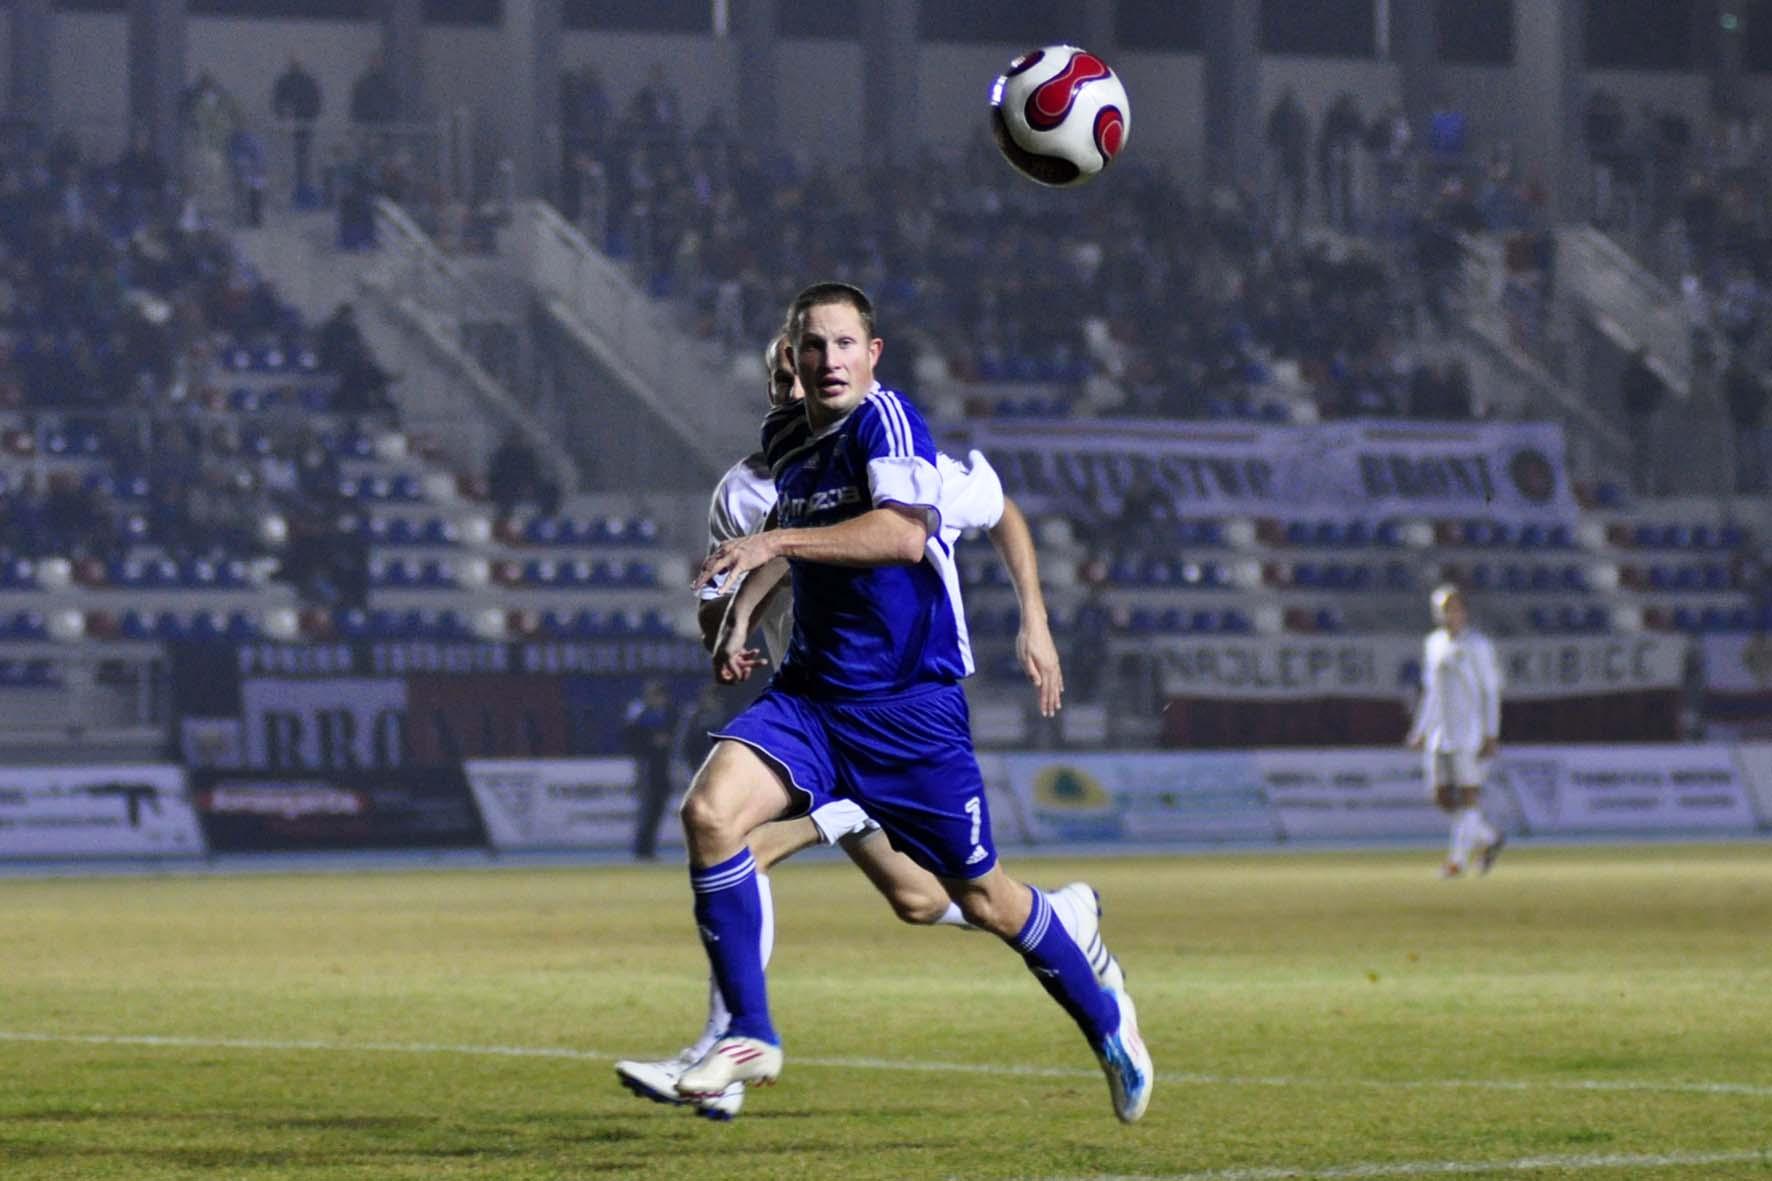 Piłkarze Broni, będą faworytami sobotniej konfrontacji z Mazurem Karczew fot. S W